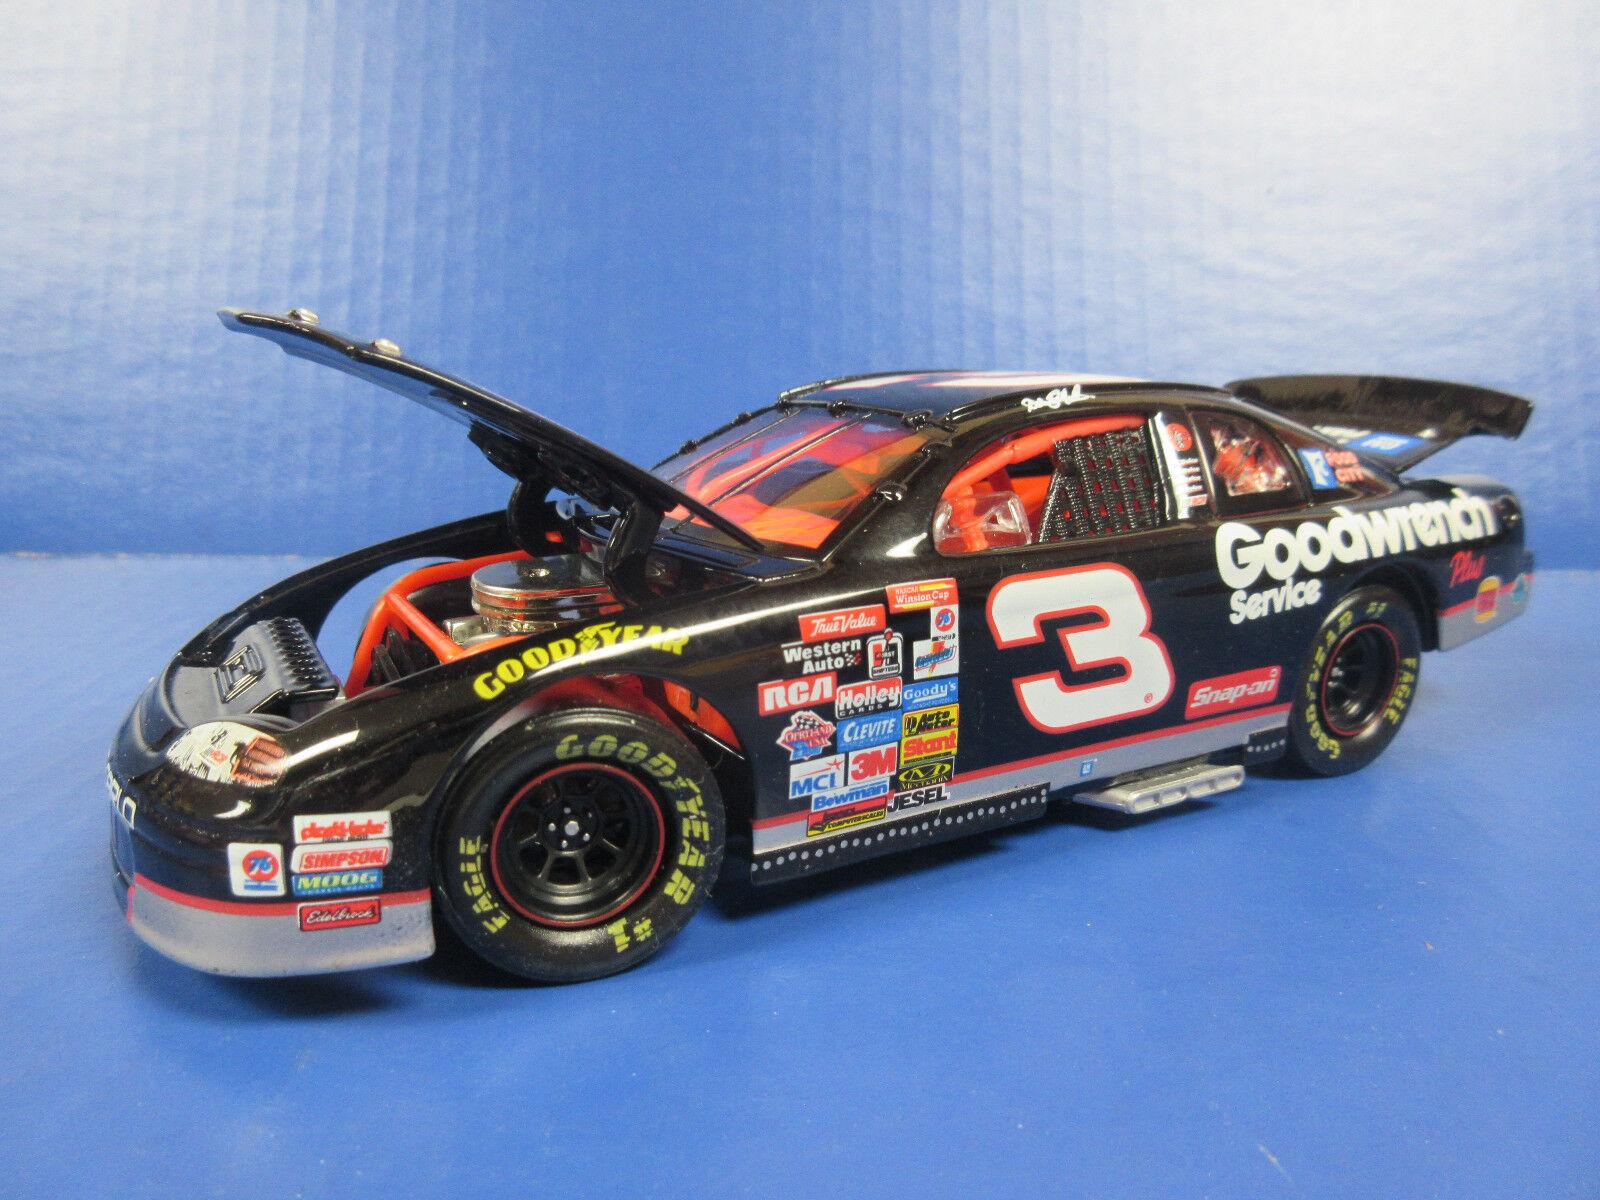 1998 Wirkung Dale Earnhardt  3 Monte voiturelo 1 24th Stock voiture